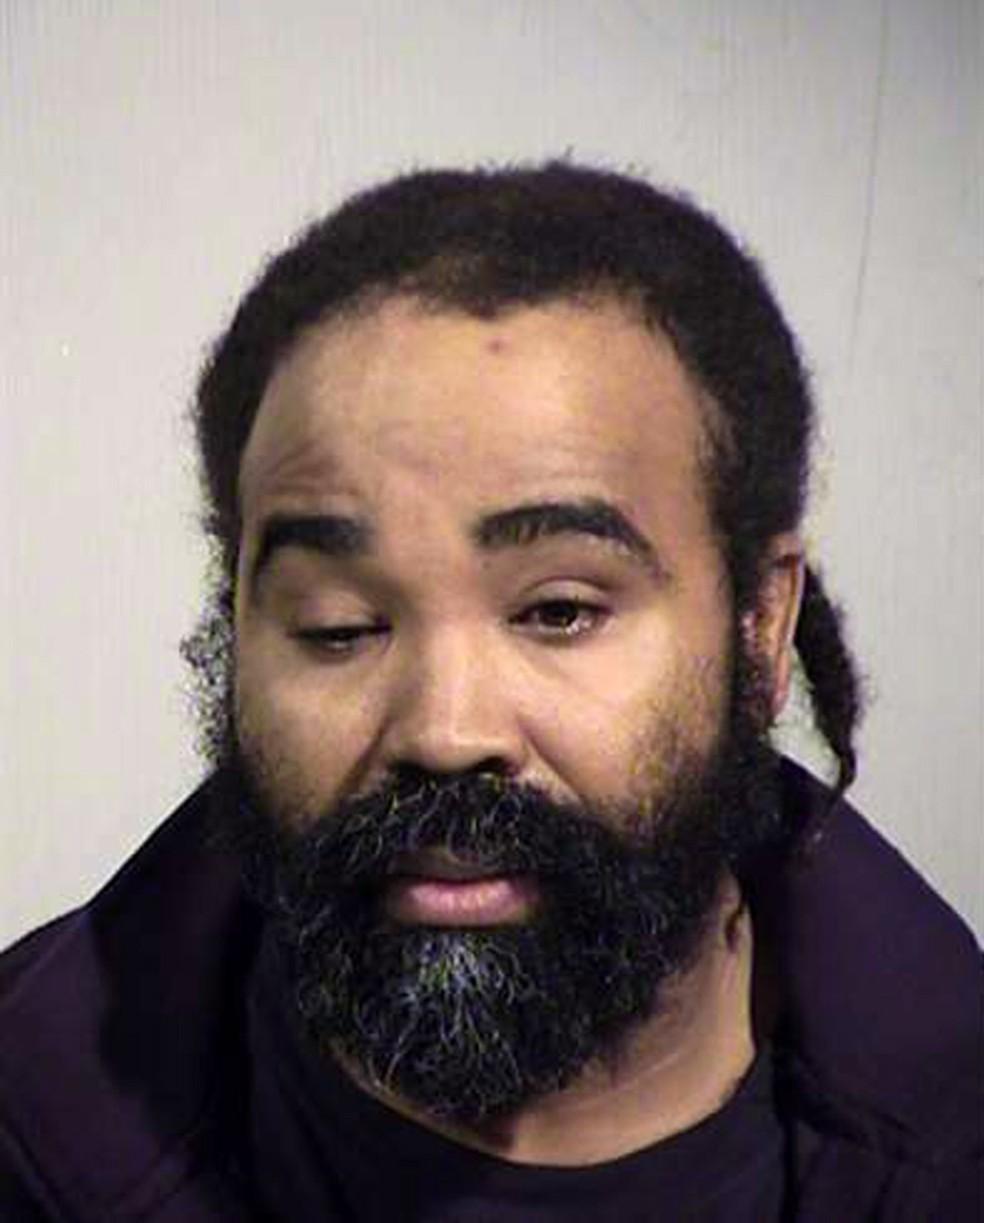 Nathan Sutherland foi preso sob acusação de abusar da mulher que engravidou enquanto estava internada numa clínica no Arizona — Foto: Maricopa County Sheriff's Office via AP